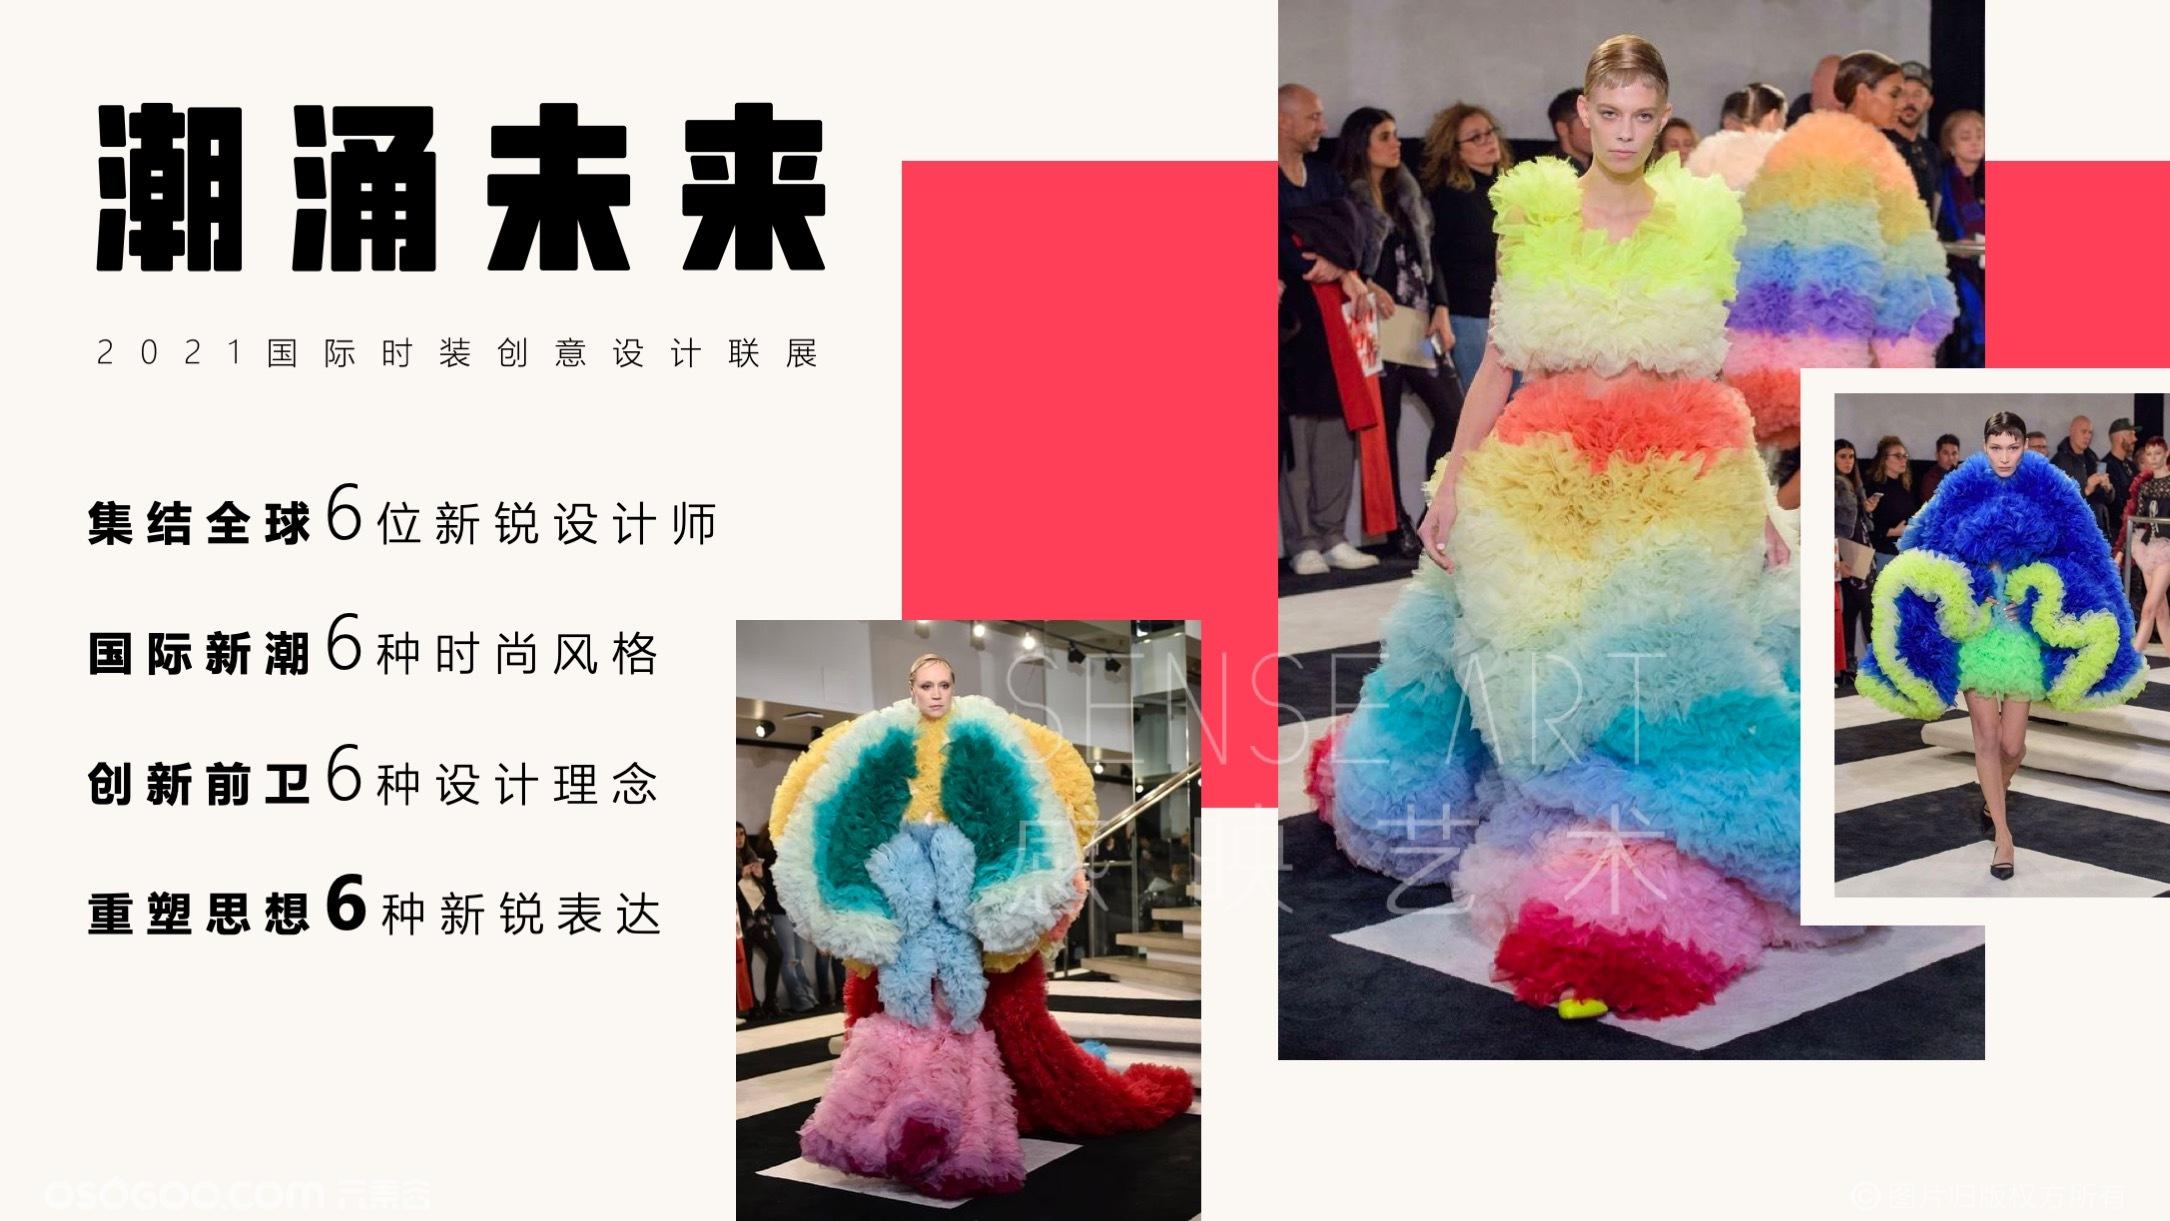 【潮涌未来】国际时装创意设计联展